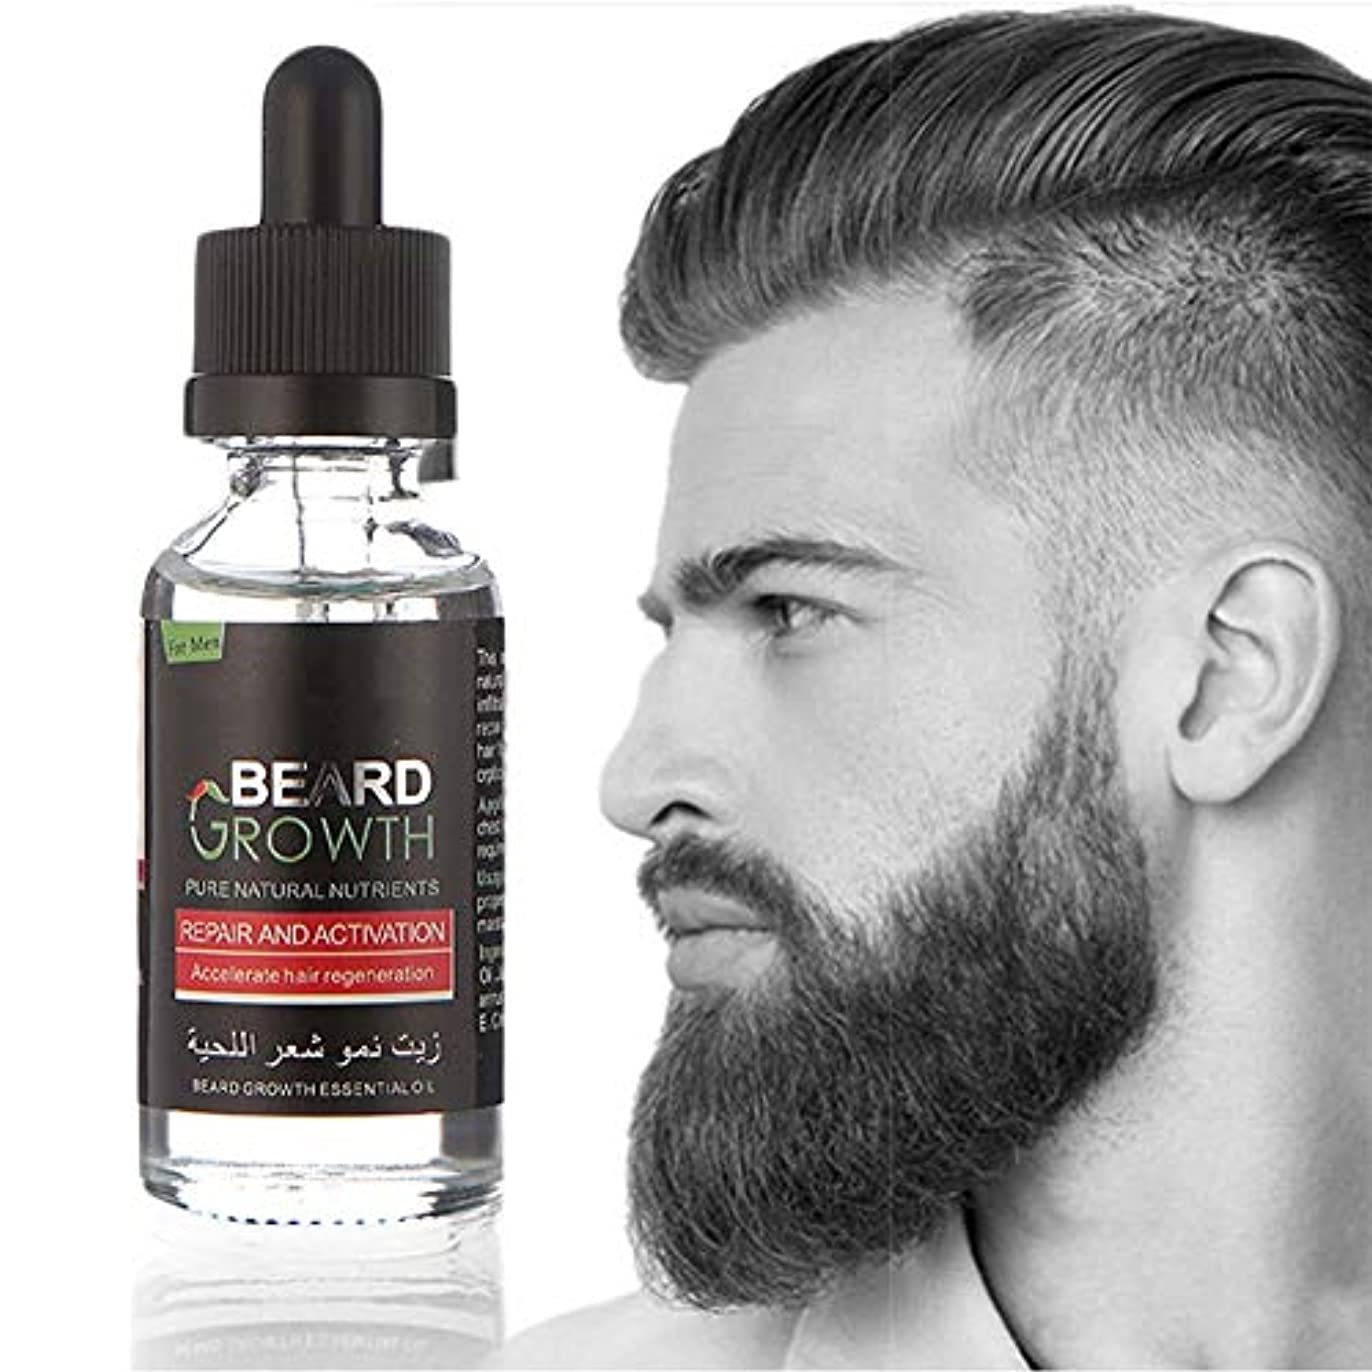 涙が出る高度嬉しいですひげ油 オイル 男性の髭ケア ひげの成長 100% ナチュラル オーガニック 植物油 ヘア コンディショナー 育毛 トニック 眉毛 増毛 育毛ソリューション